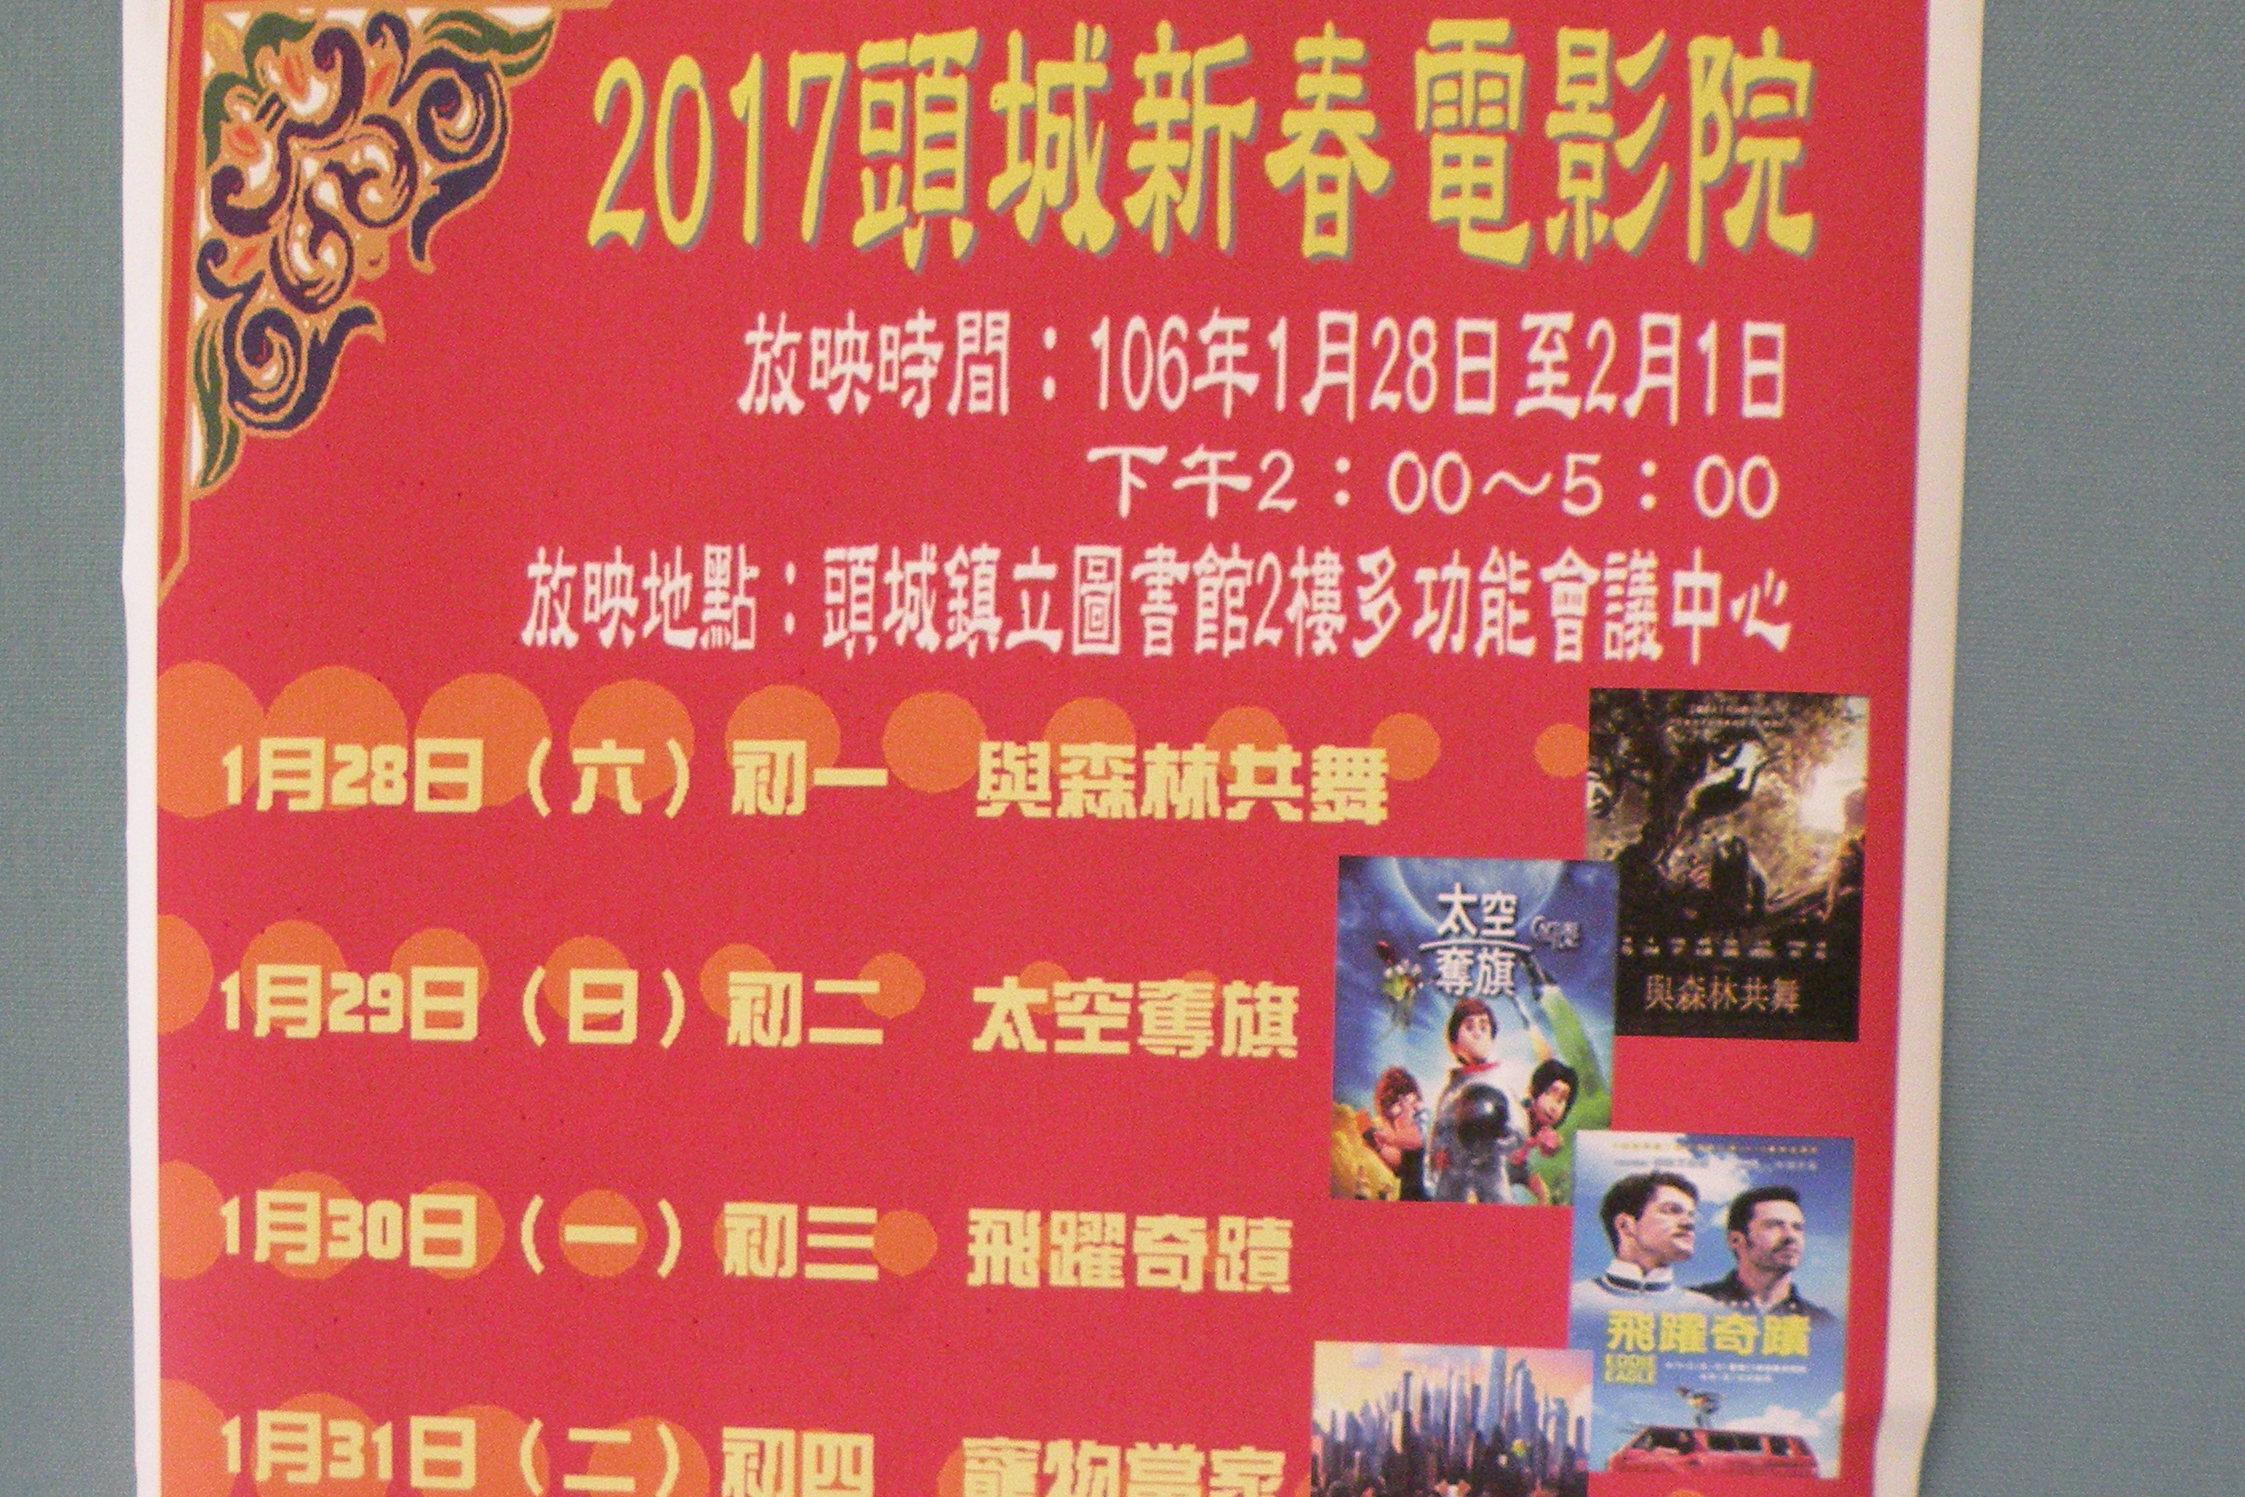 2017新春電影院